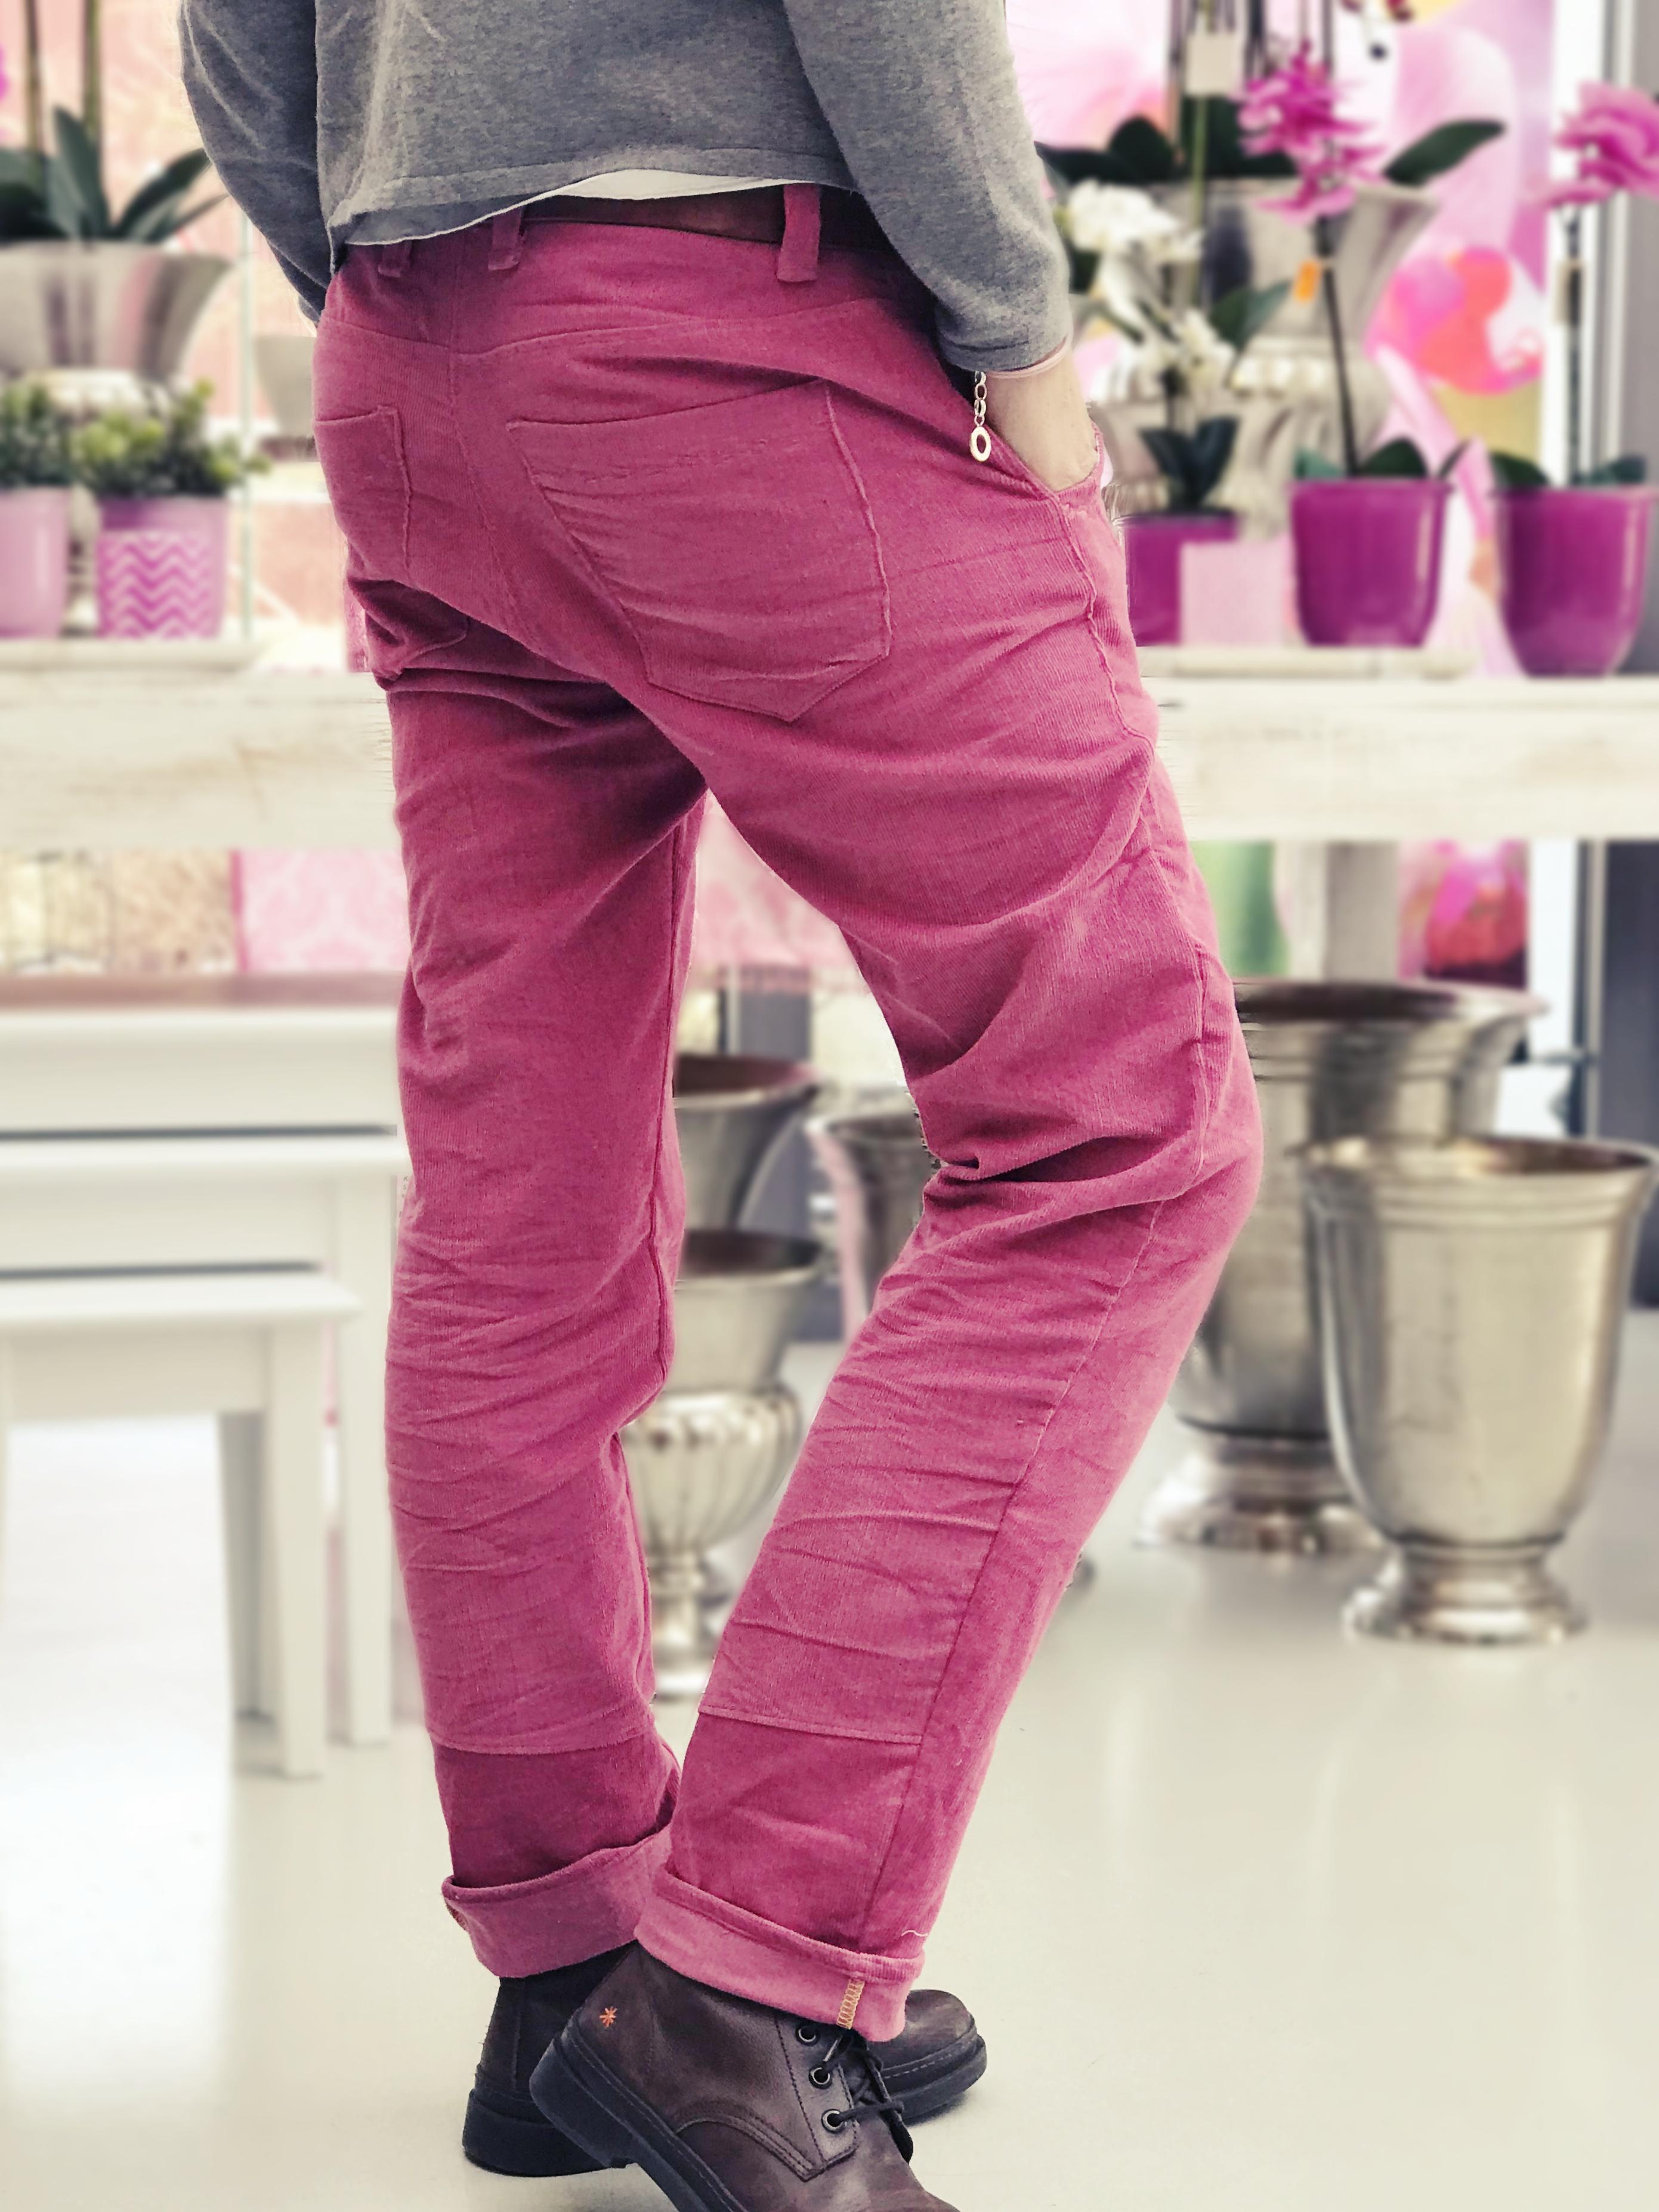 pruella_freuleins_jeansgloria_gloria